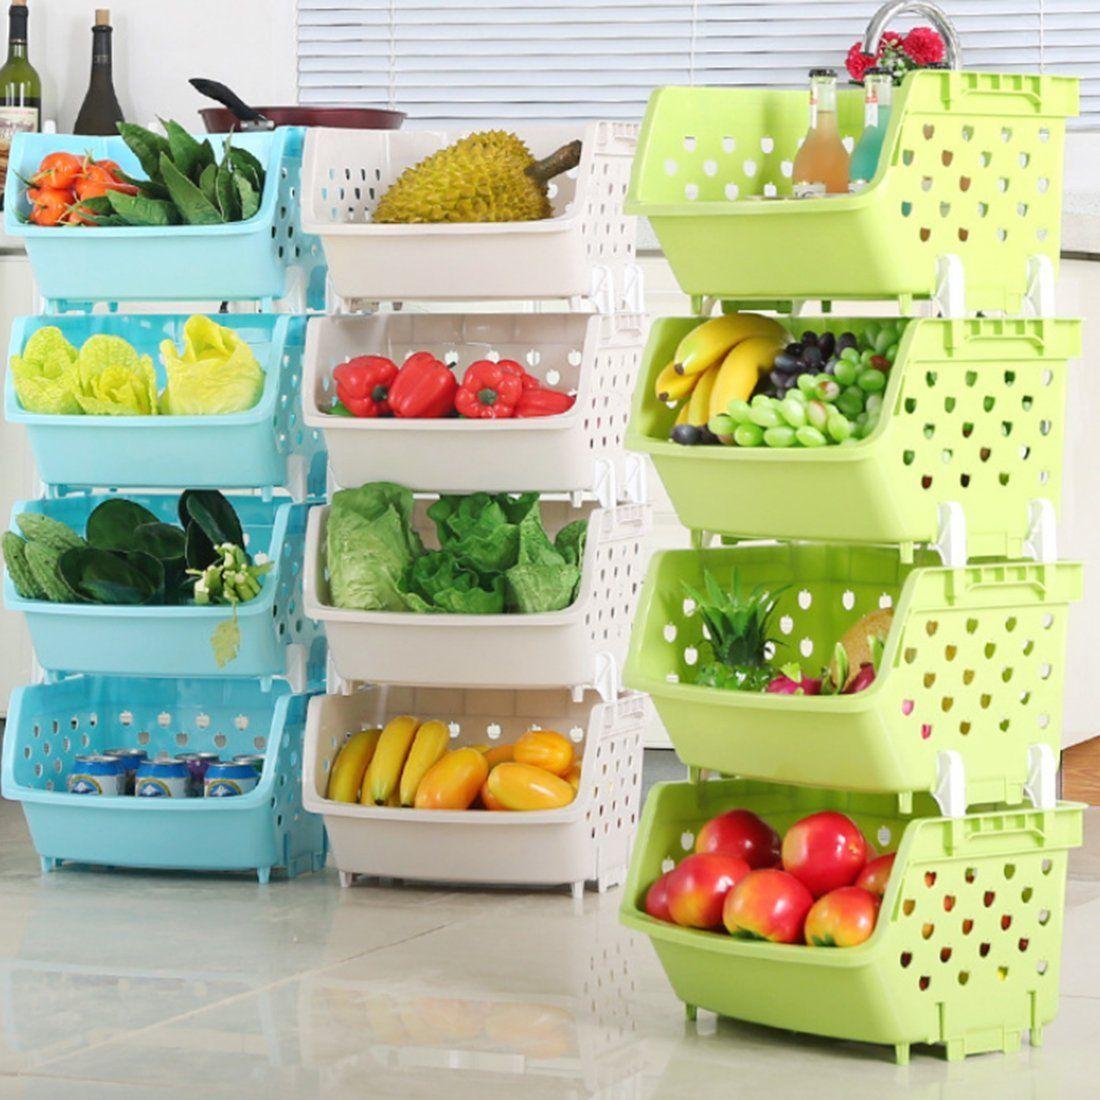 Rangement Fruits Et Légumes: 18 Idées « Gain De Place » Pour Ranger Fruits Et Légumes